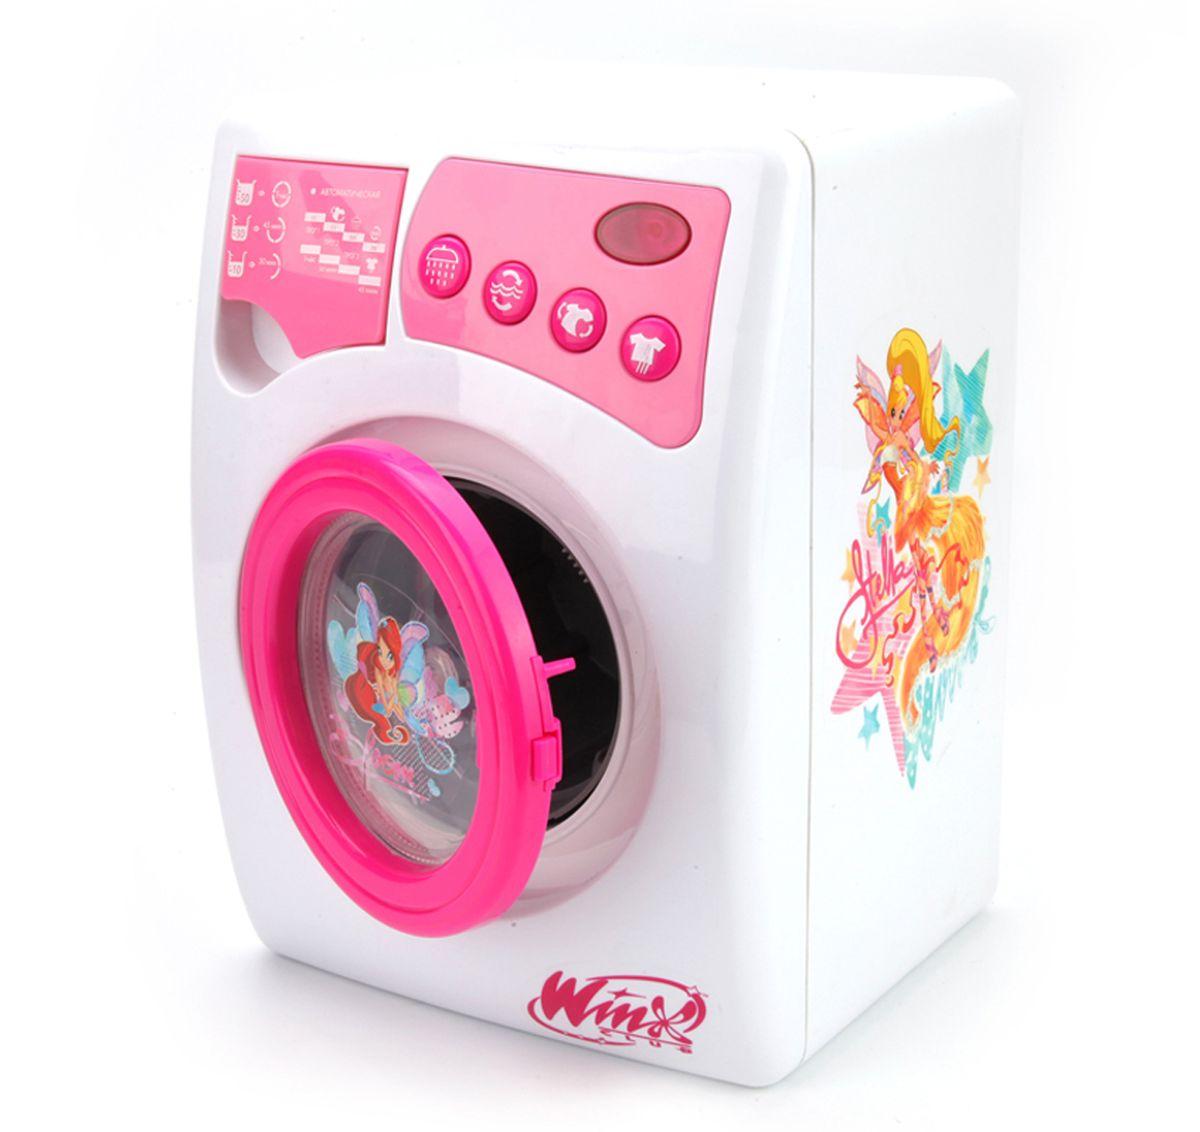 Играем вместе Стиральная машина Winx со светом и звуком14002-RФункциональная и яркая бытовая техника способствует развитию мелкой моторики и воображения, приучит ребенка к трудолюбию и аккуратности. А также станет отличным подарком для юных домохозяек.